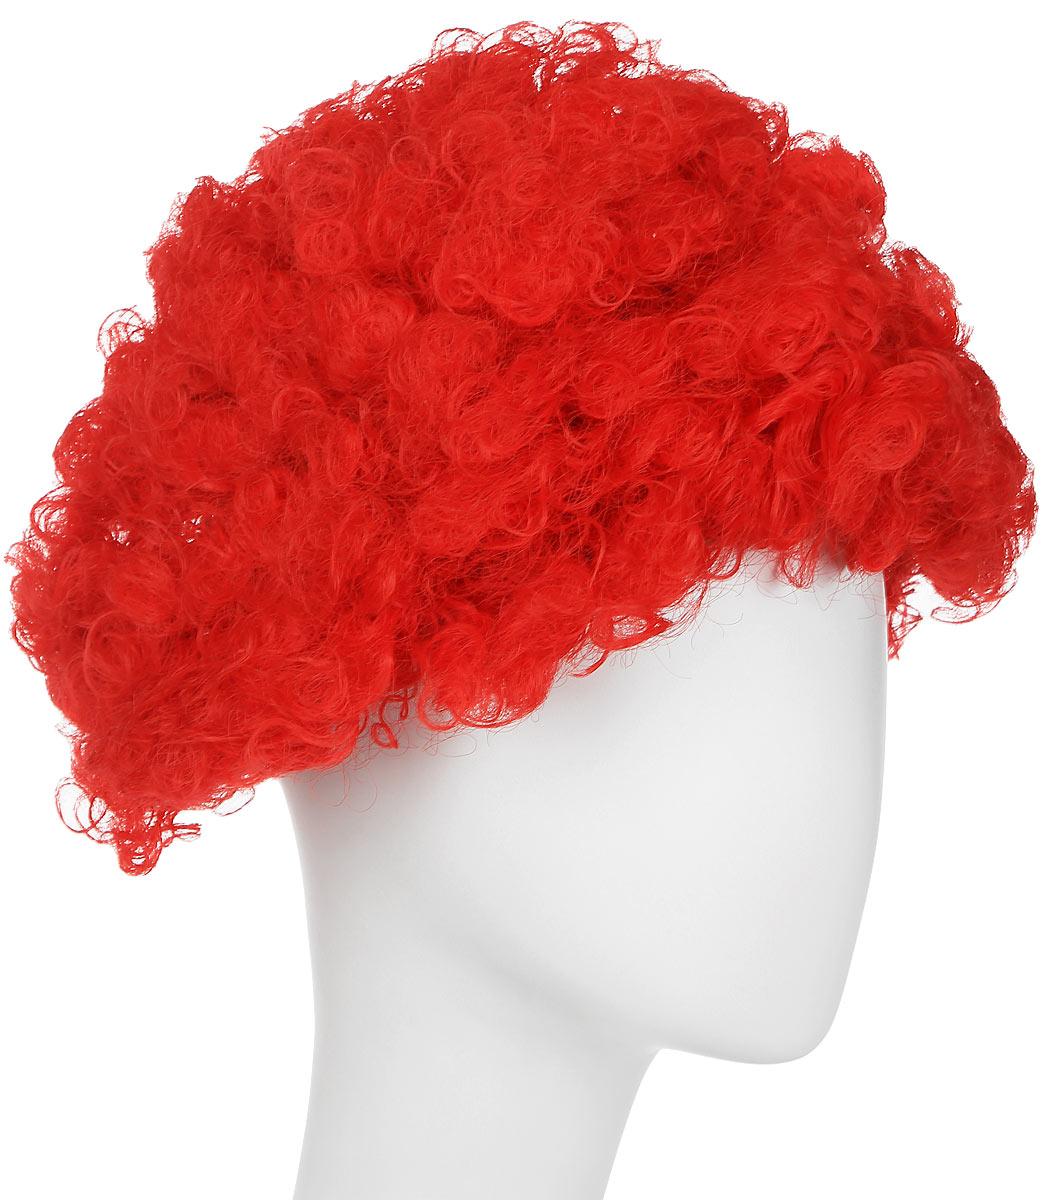 Rio Парик карнавальный цвет красный 5060